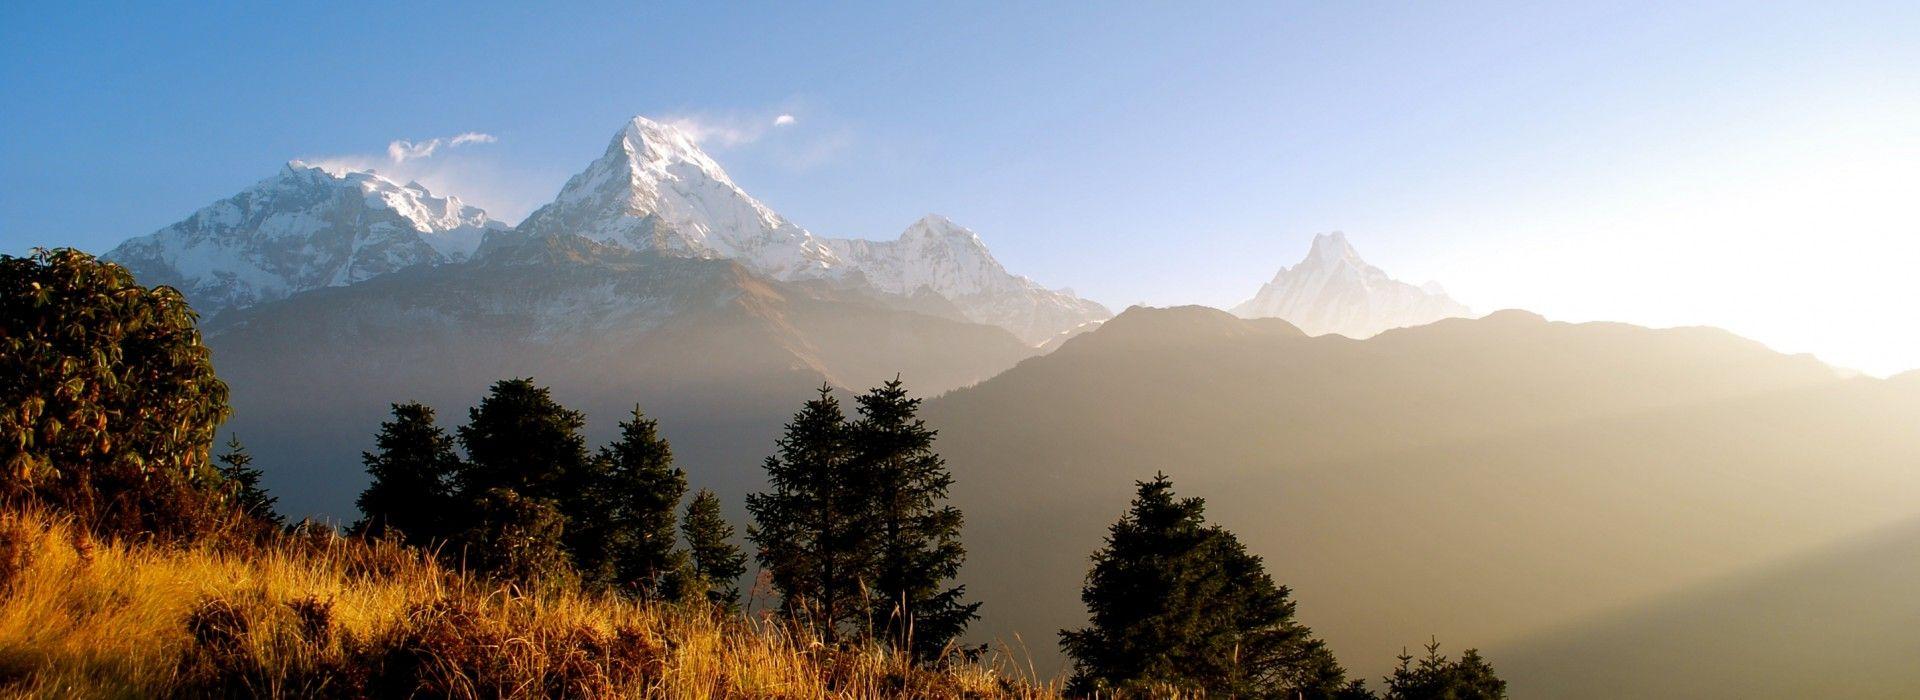 Trekking Tours in Lobuche East Peak